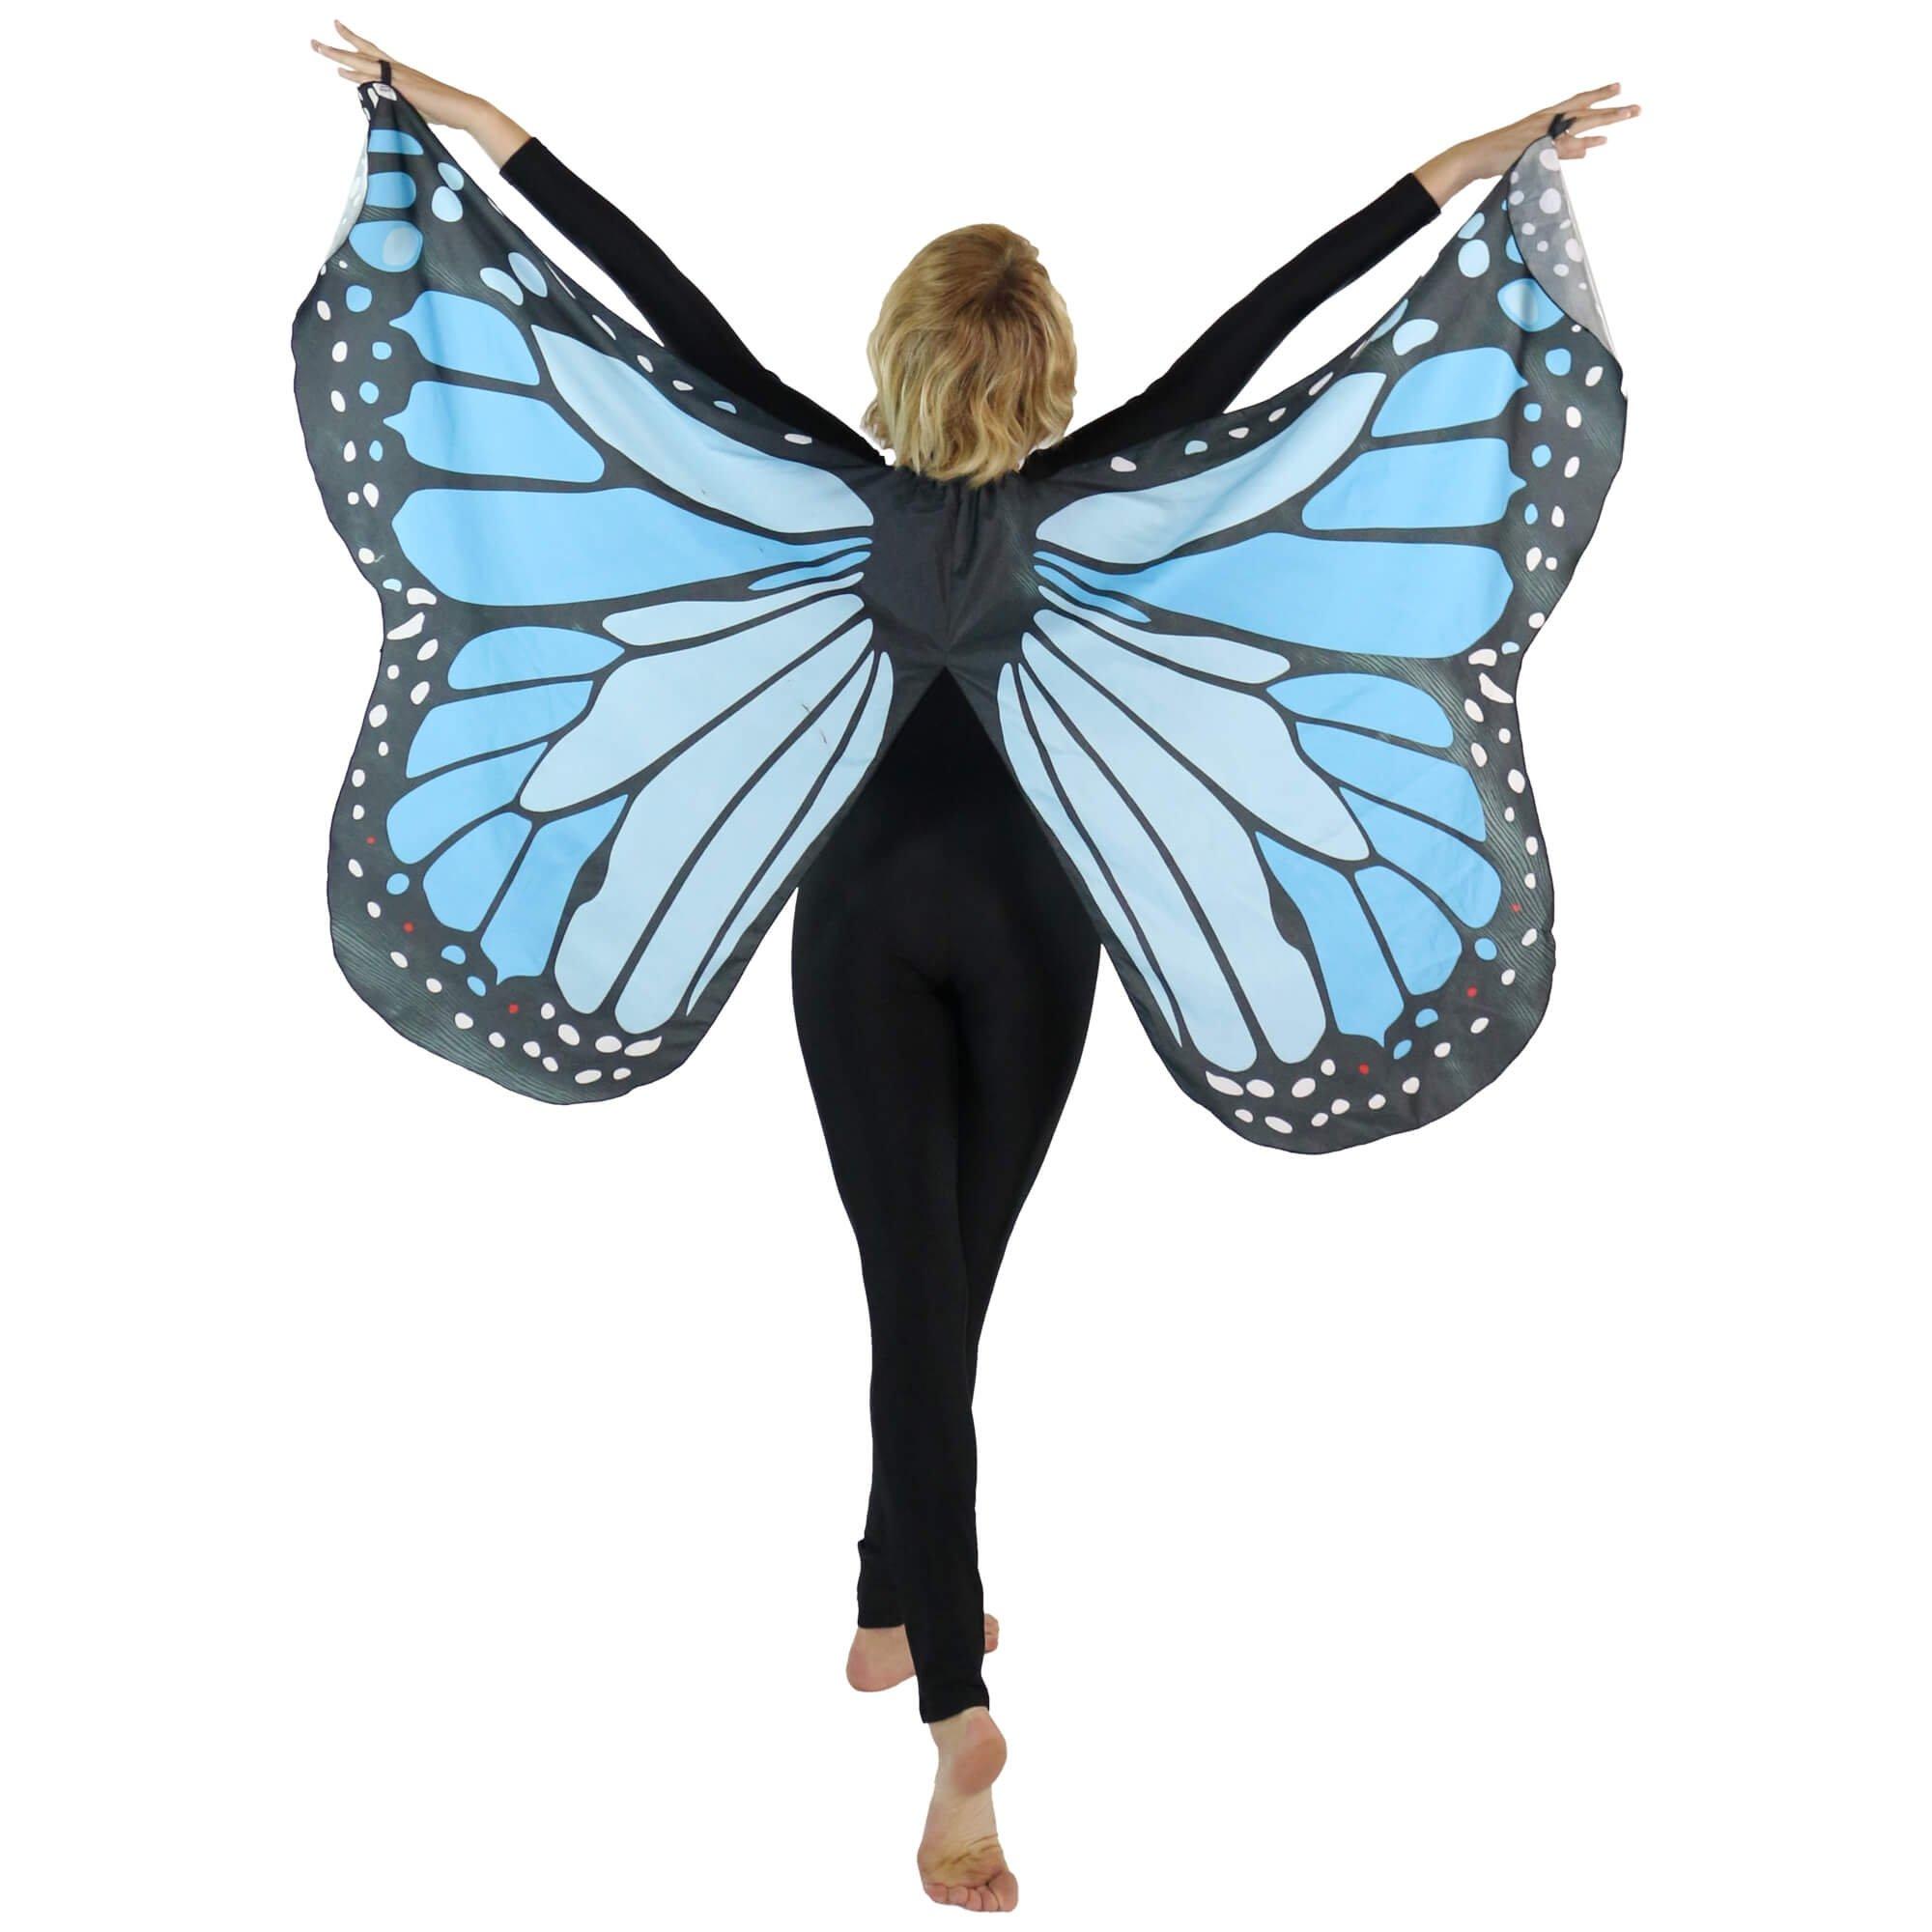 Danzcue Soft Butterfly Dance Wings